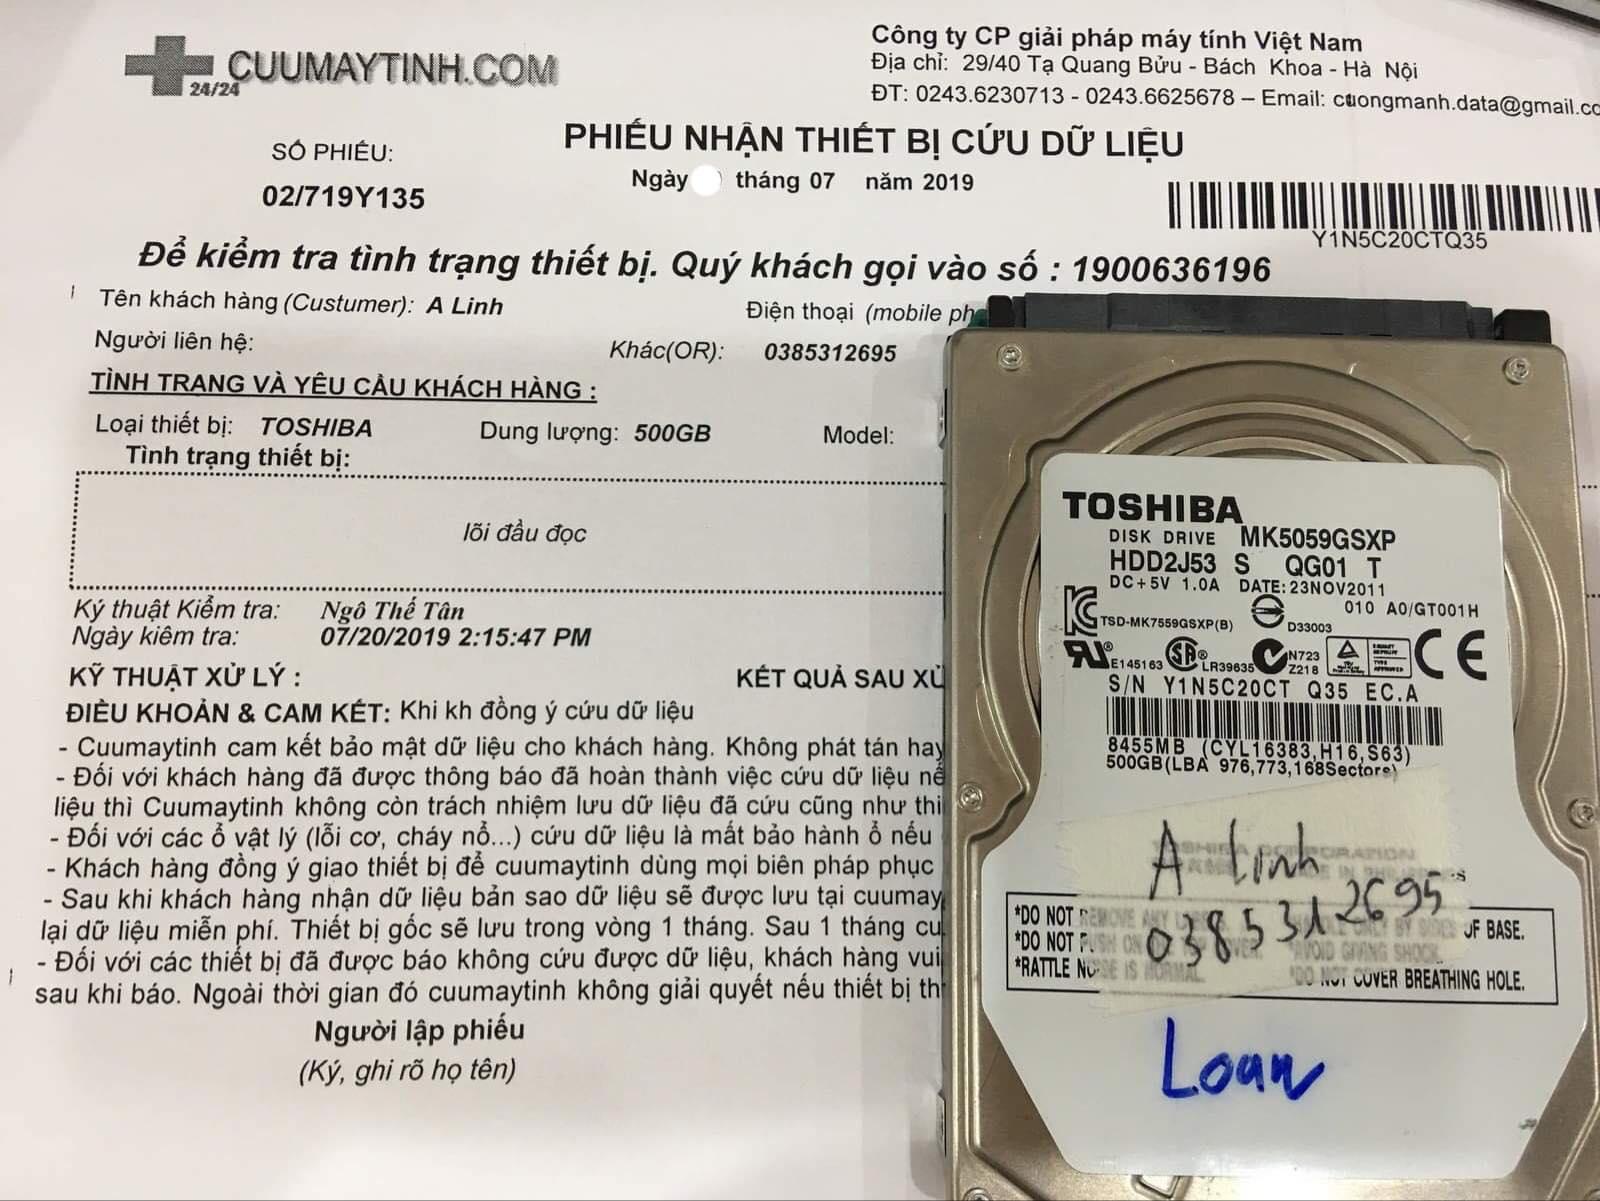 Lấy dữ liệu ổ cứng Toshiba 500GB lỗi đầu đọc 27/07/2019 - cuumaytinh